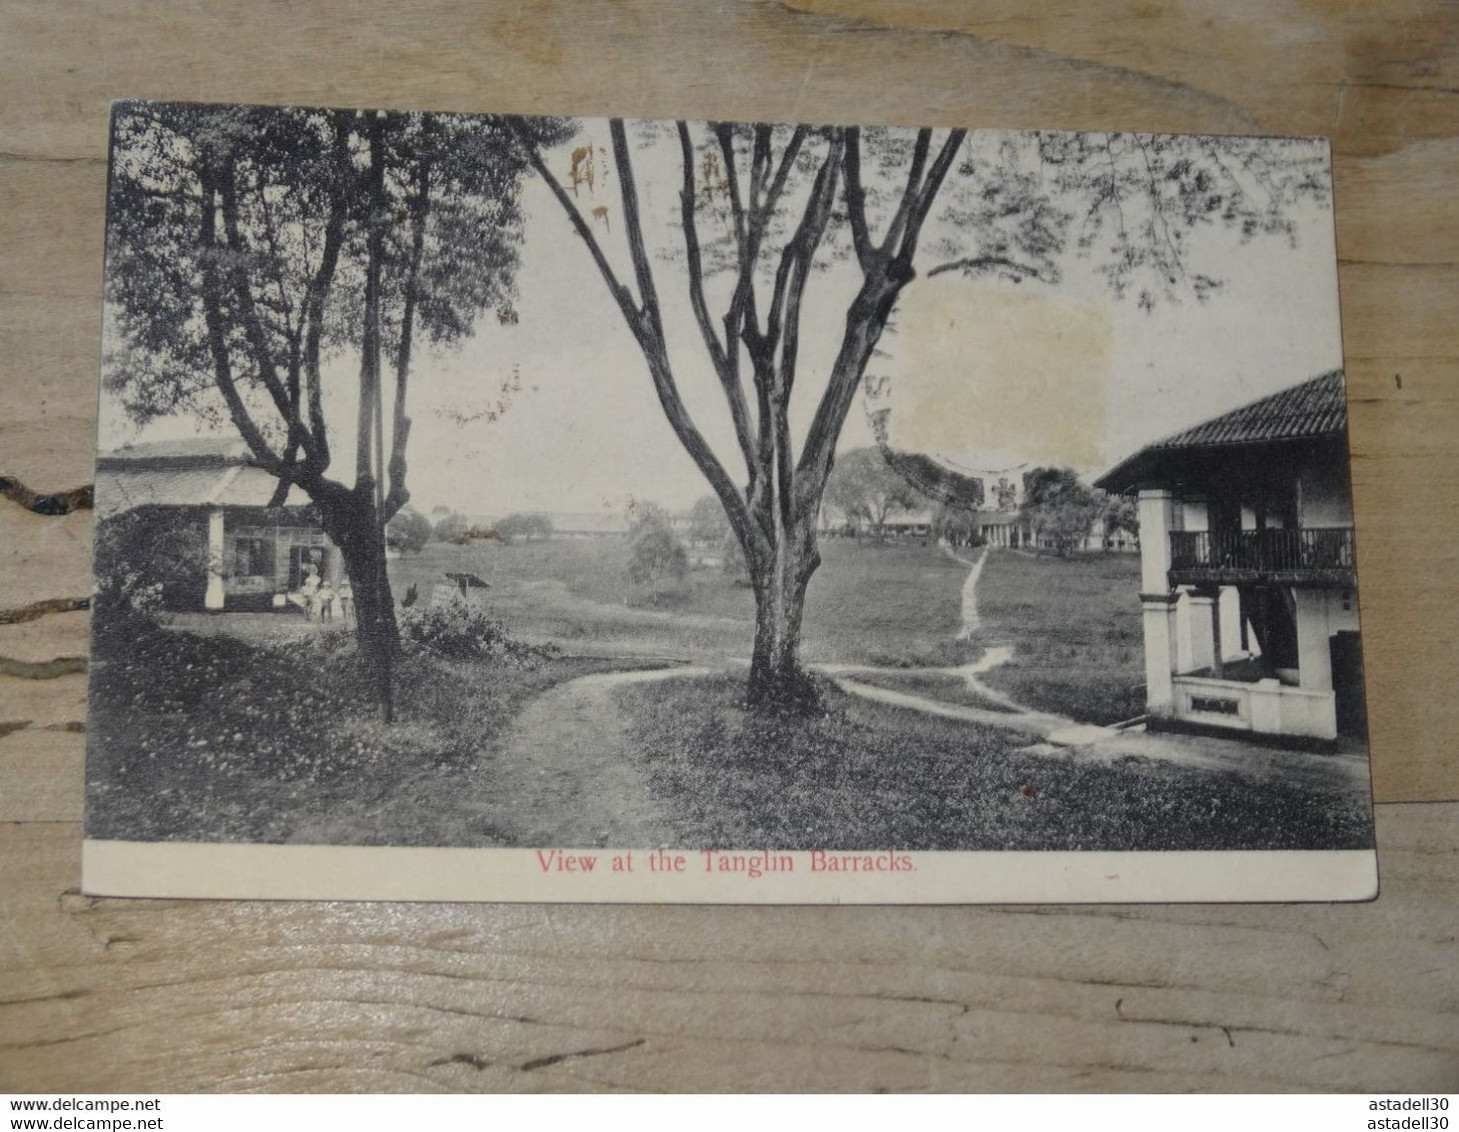 SINGAPOUR : View At The Tanglin Barracks ................ 201101-1819 - Singapur